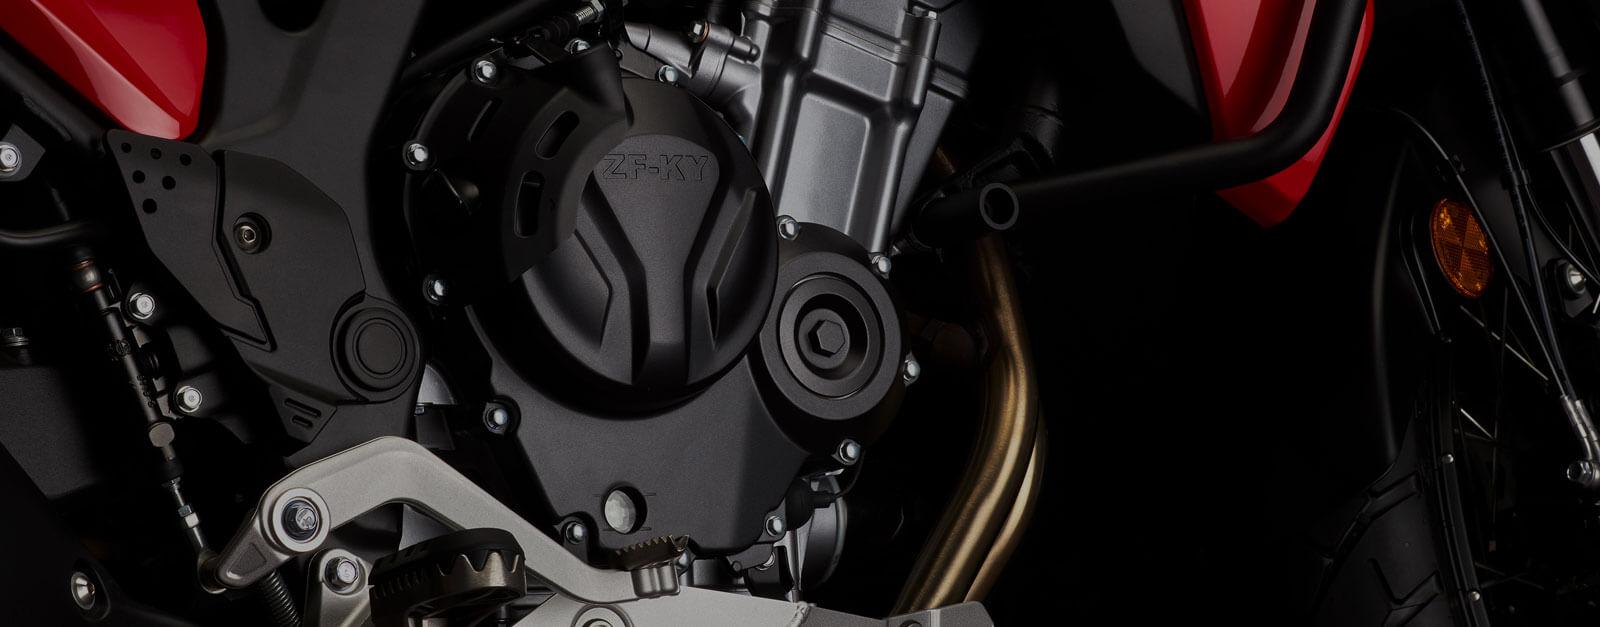 Maverick Red Engine